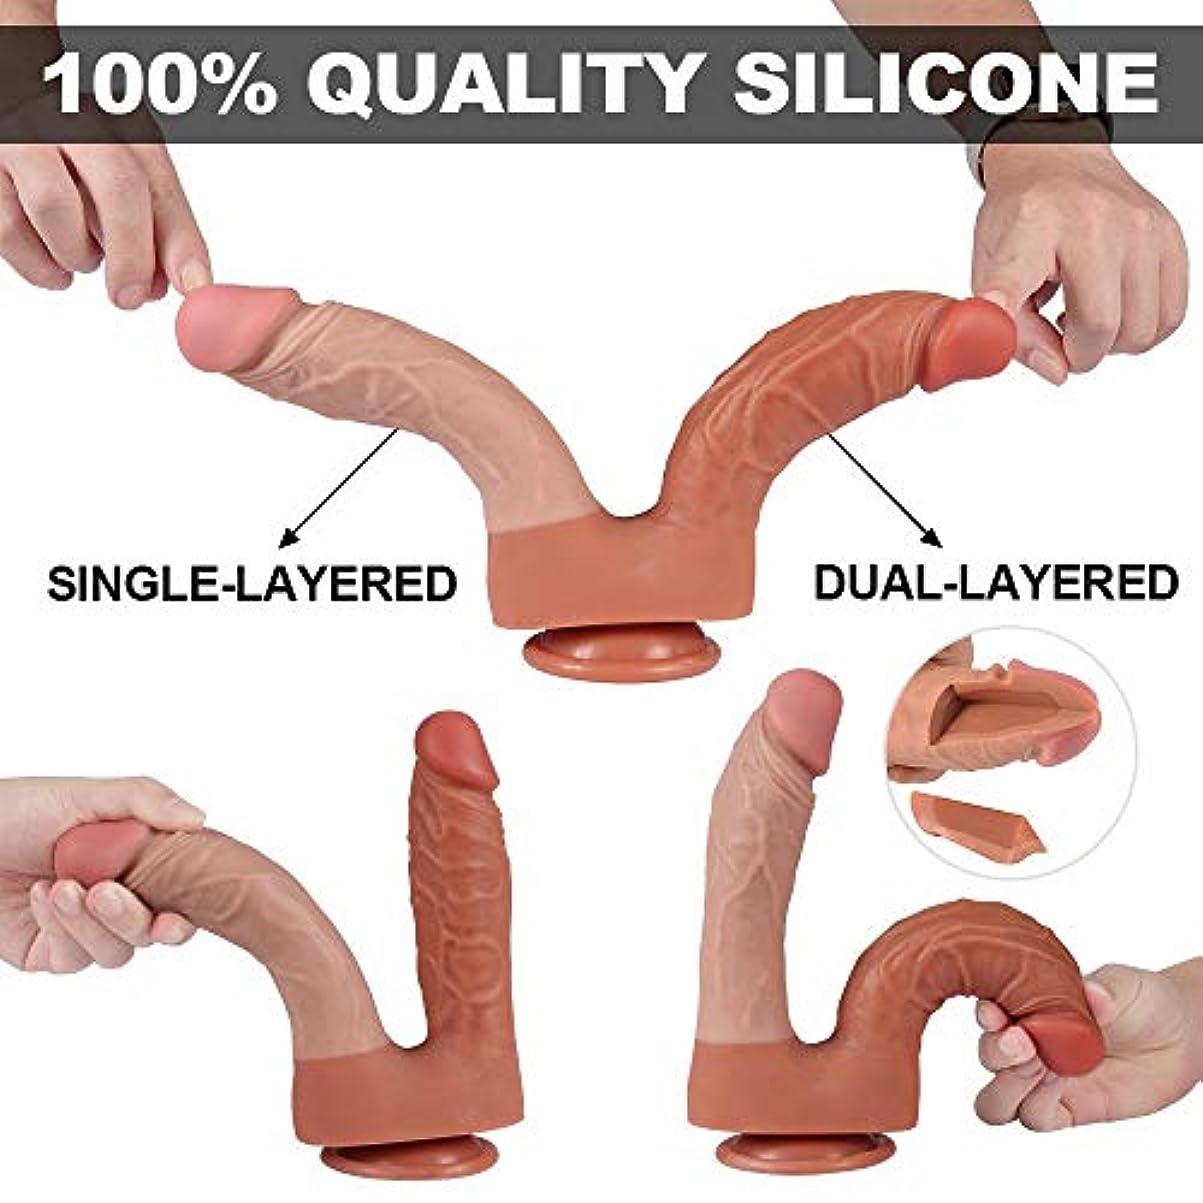 ドループ物足りない町Y-angcco6 ソフトで柔軟なダブルヘッドマッサージSEおもちゃ女性カップル - 100%秘密のパッキング